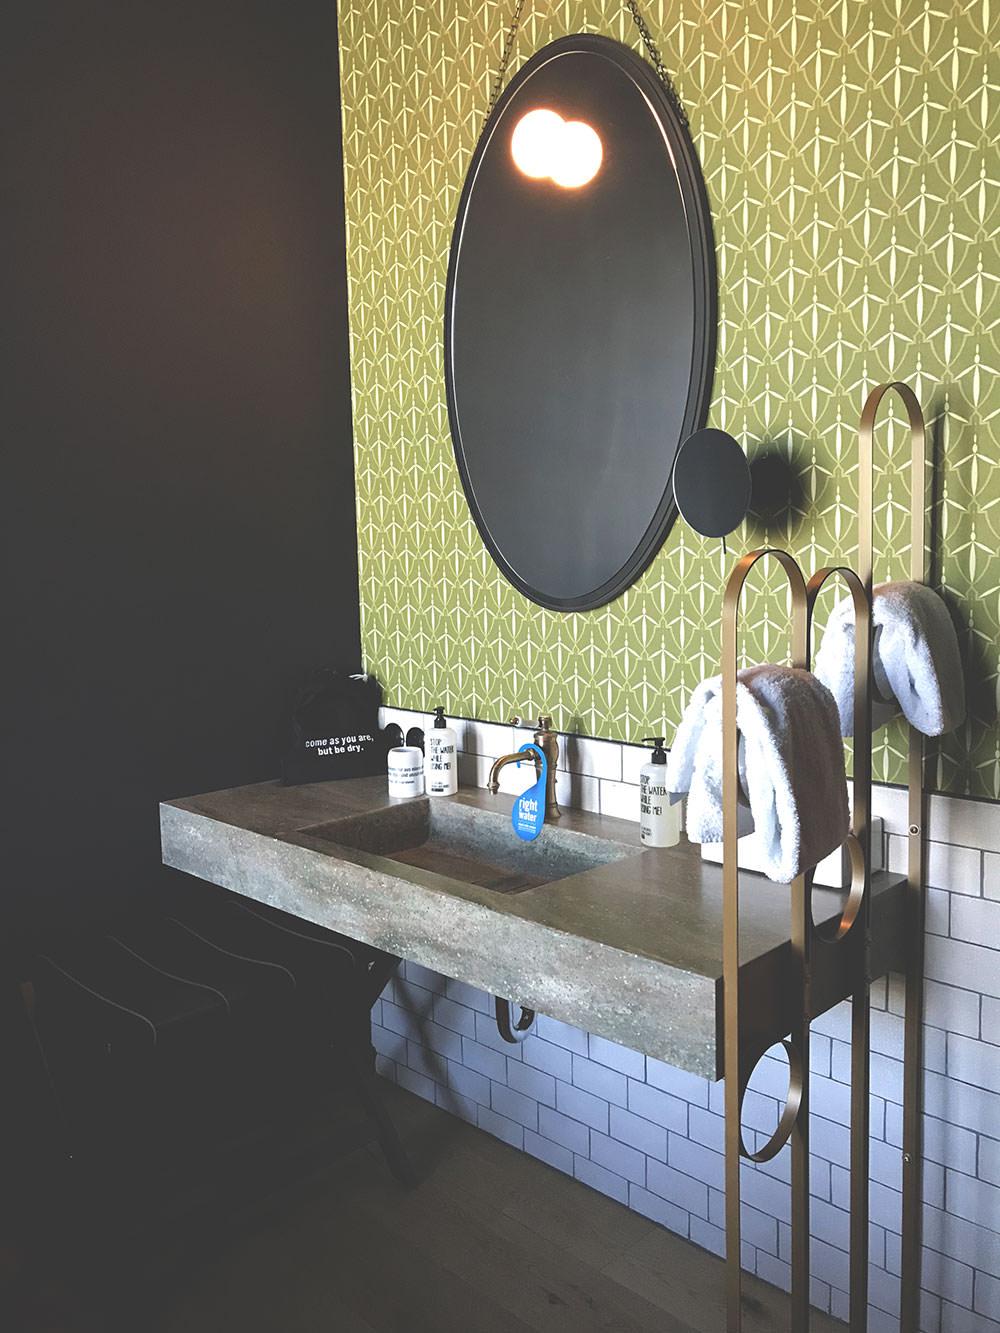 Werbung | Mit Microplane in München | 25hours Hotel The Royal Bavarian und Neni Restaurant in München | moeyskitchen.com